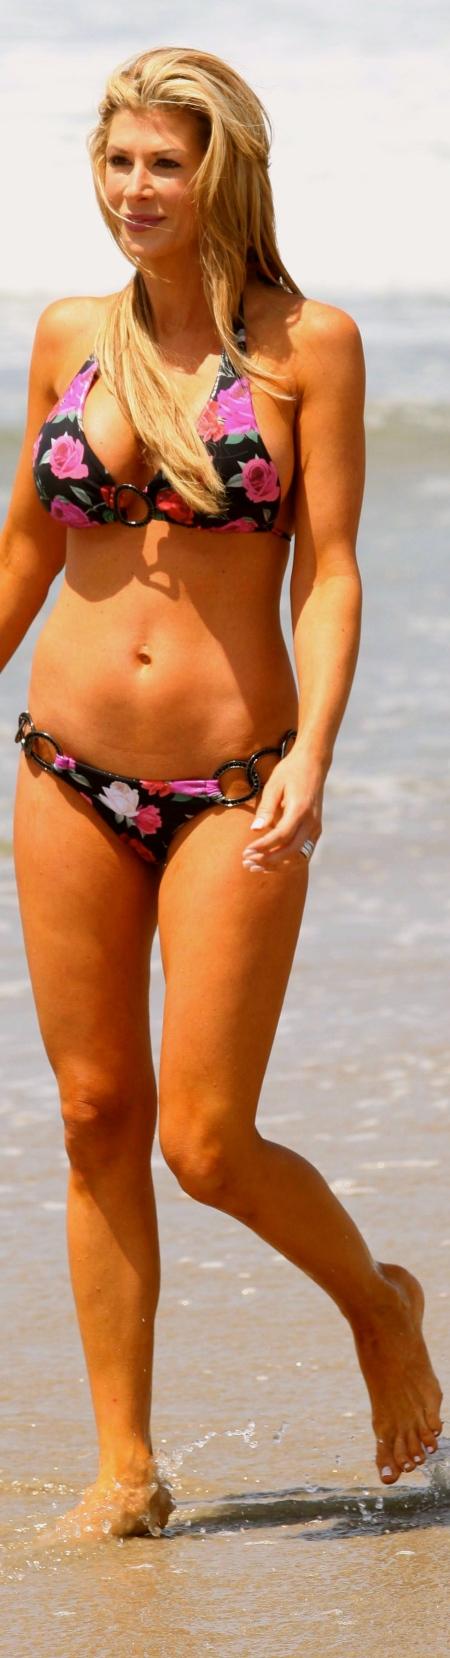 alexis-bellino-bikini-santa-monica-5